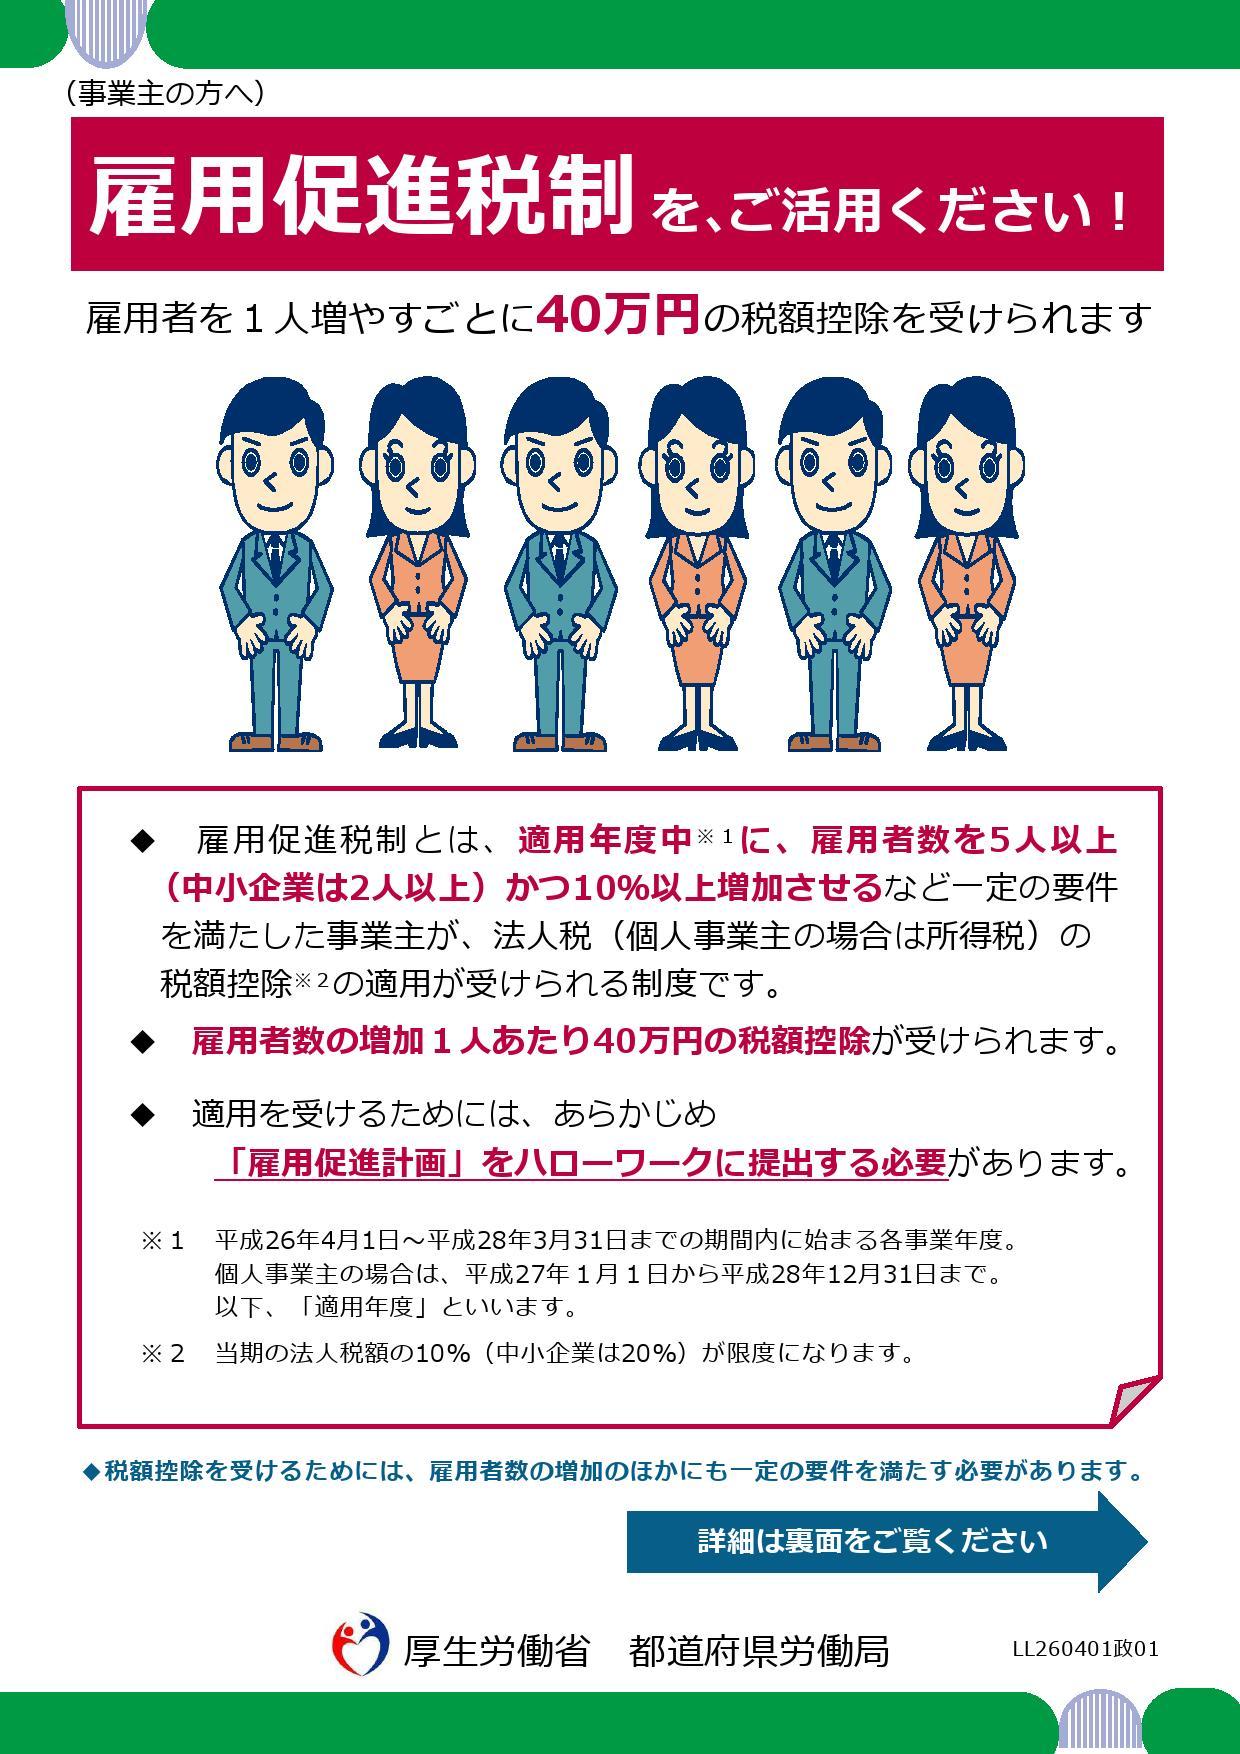 koyousokushinzei_01_leaf0001